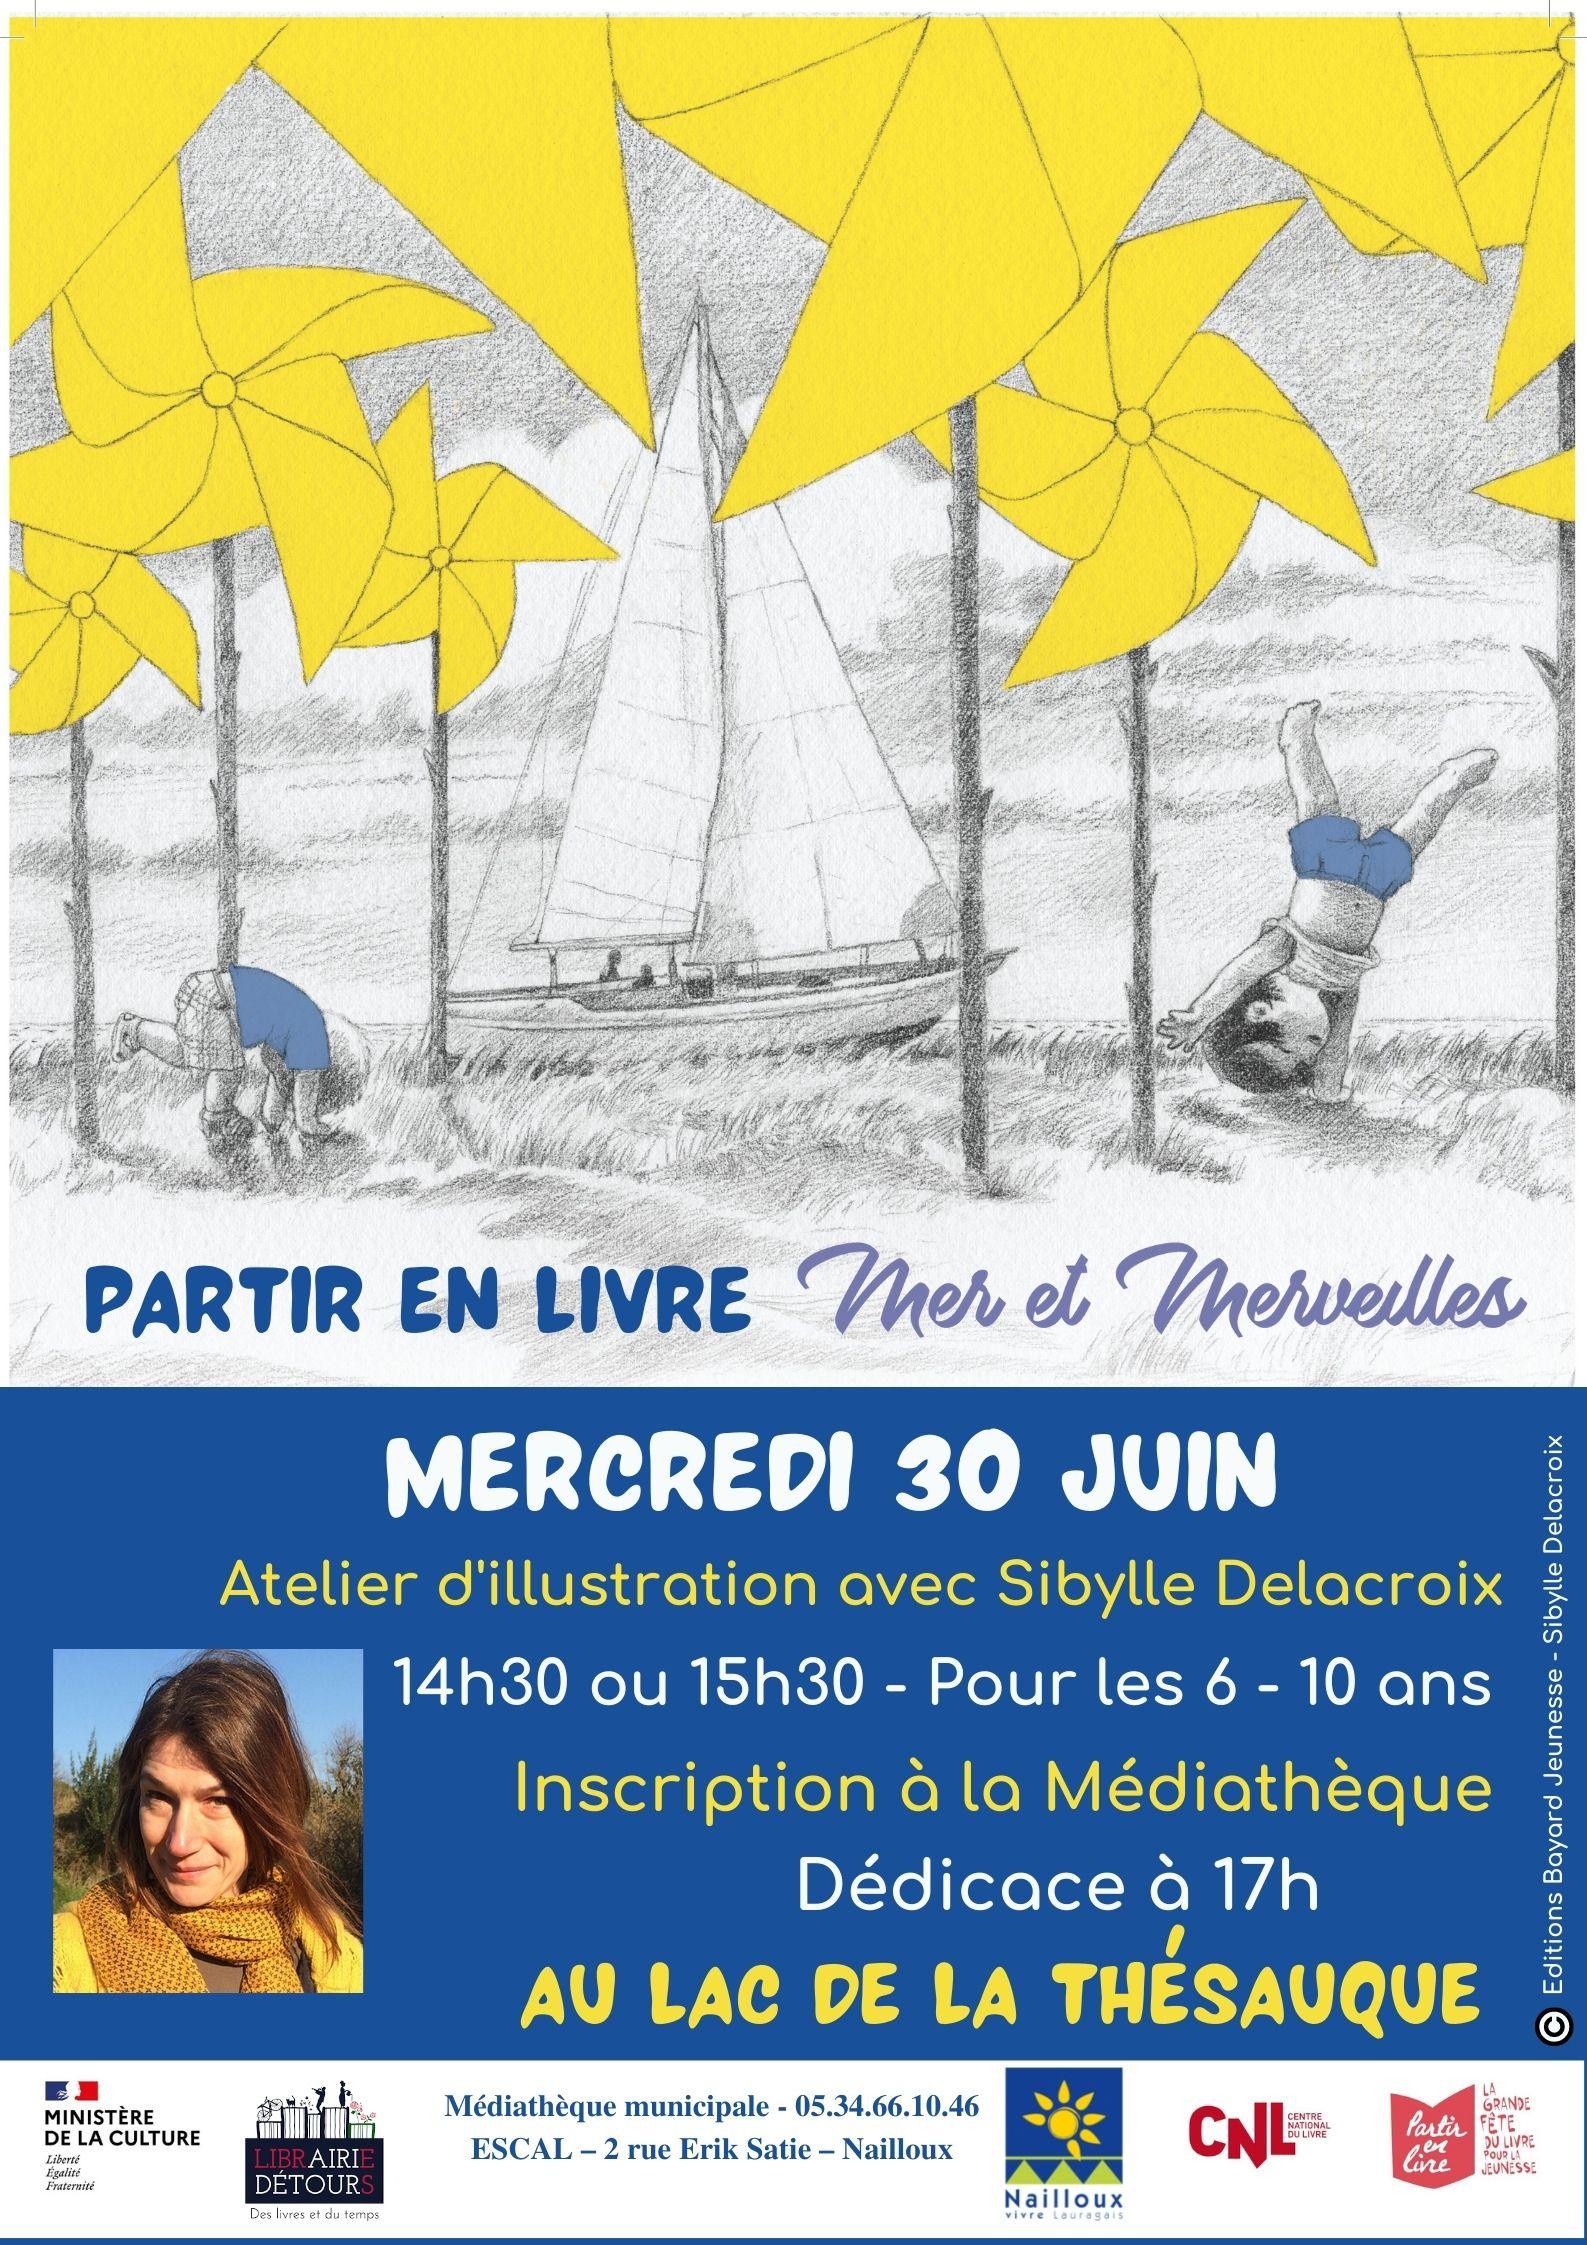 Rencontre Sibylle Delacroix